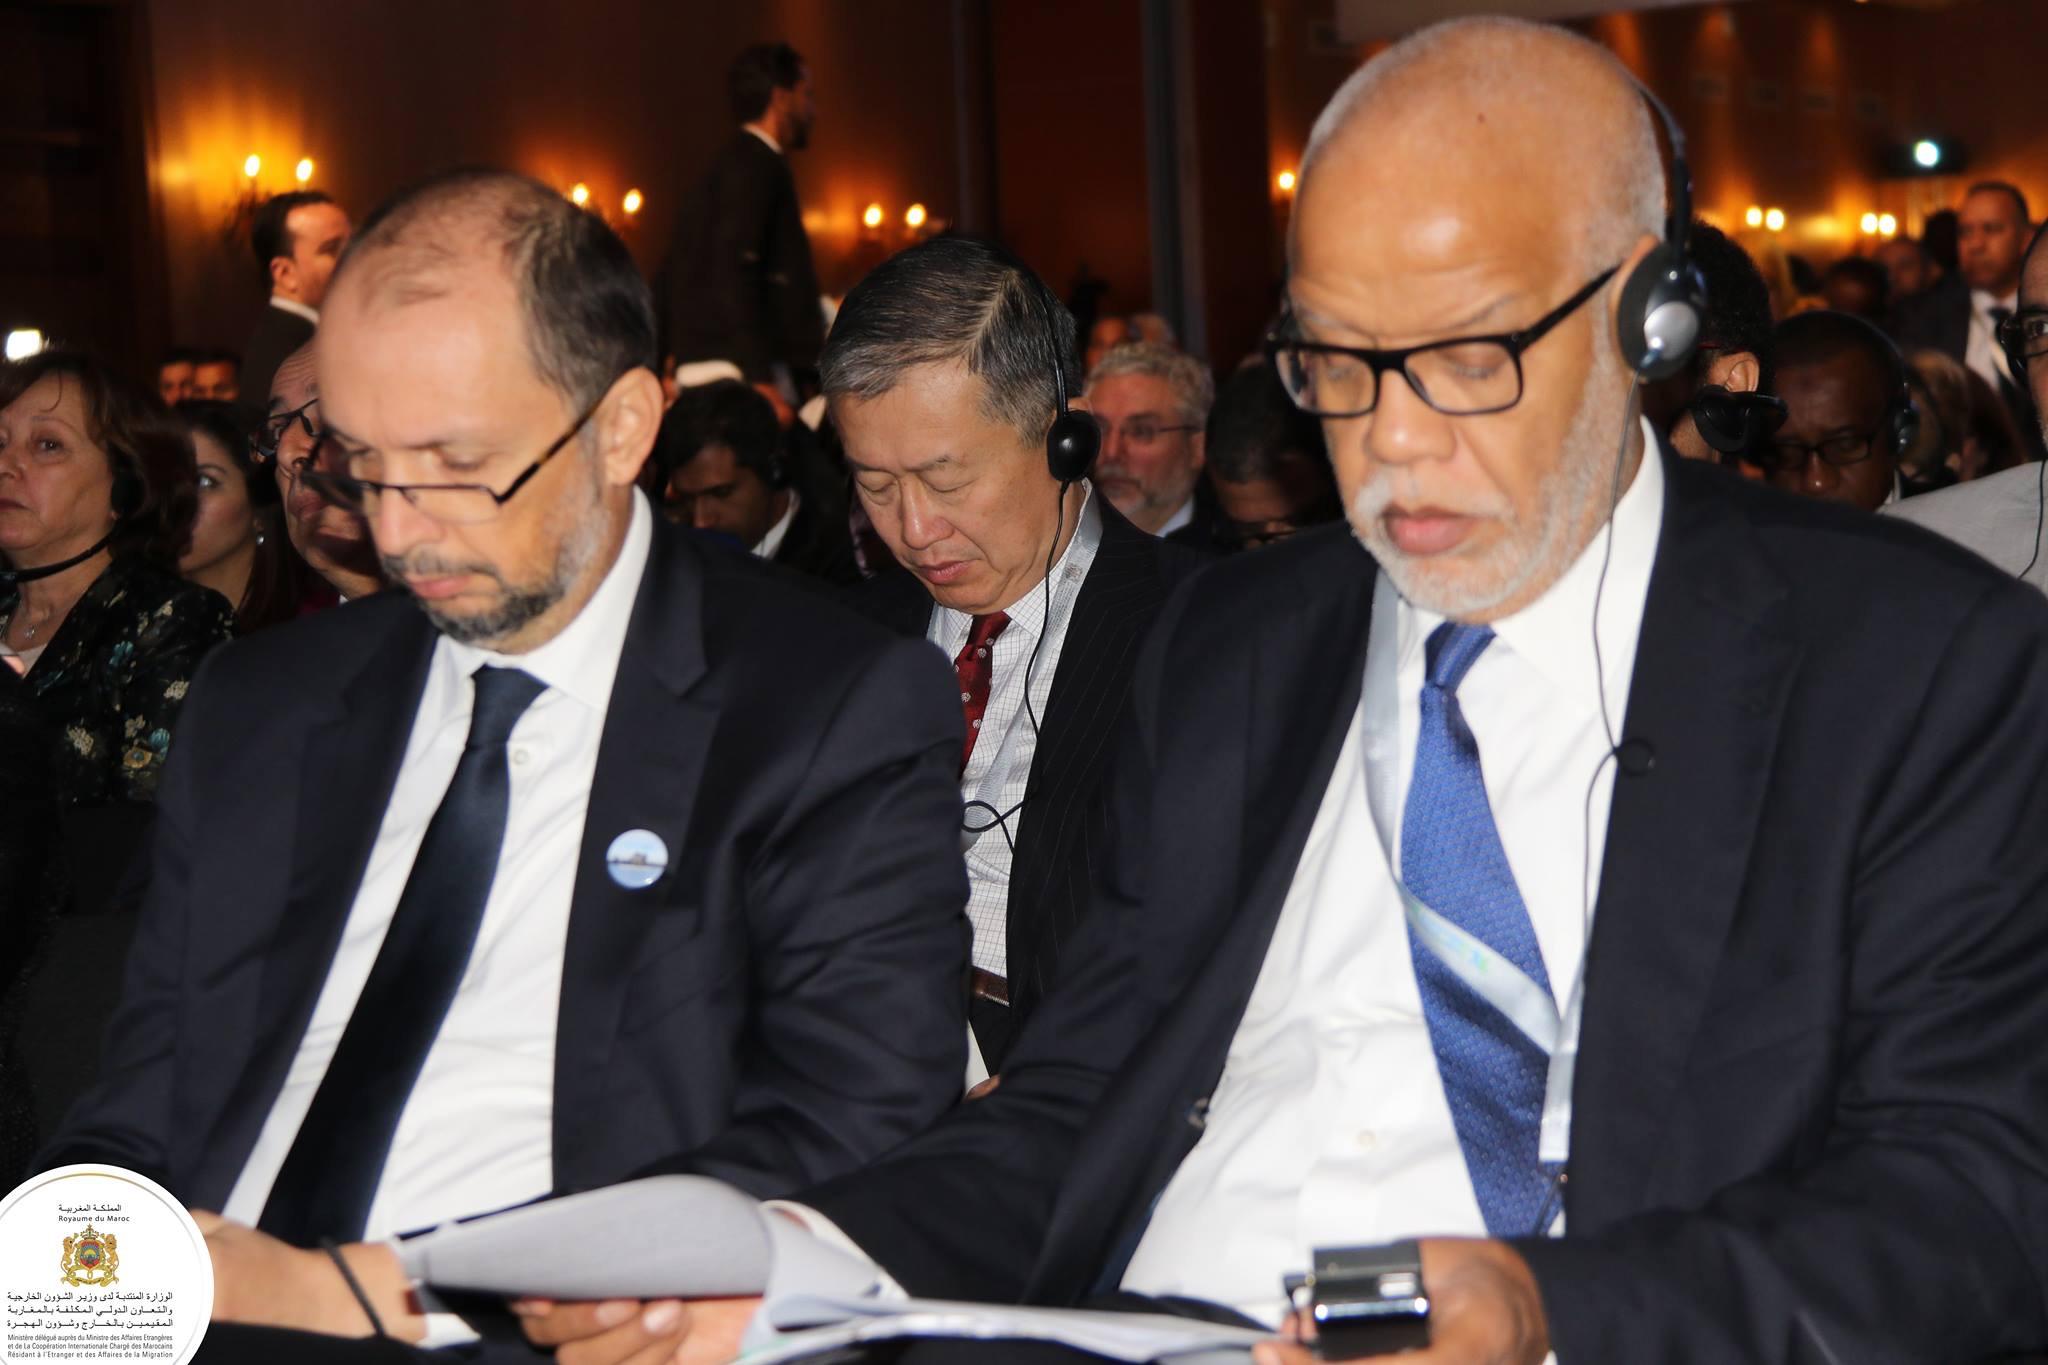 اختتام الدورة 11 للمنتدى الدولي للهجرة والتنمية بمراكش 3